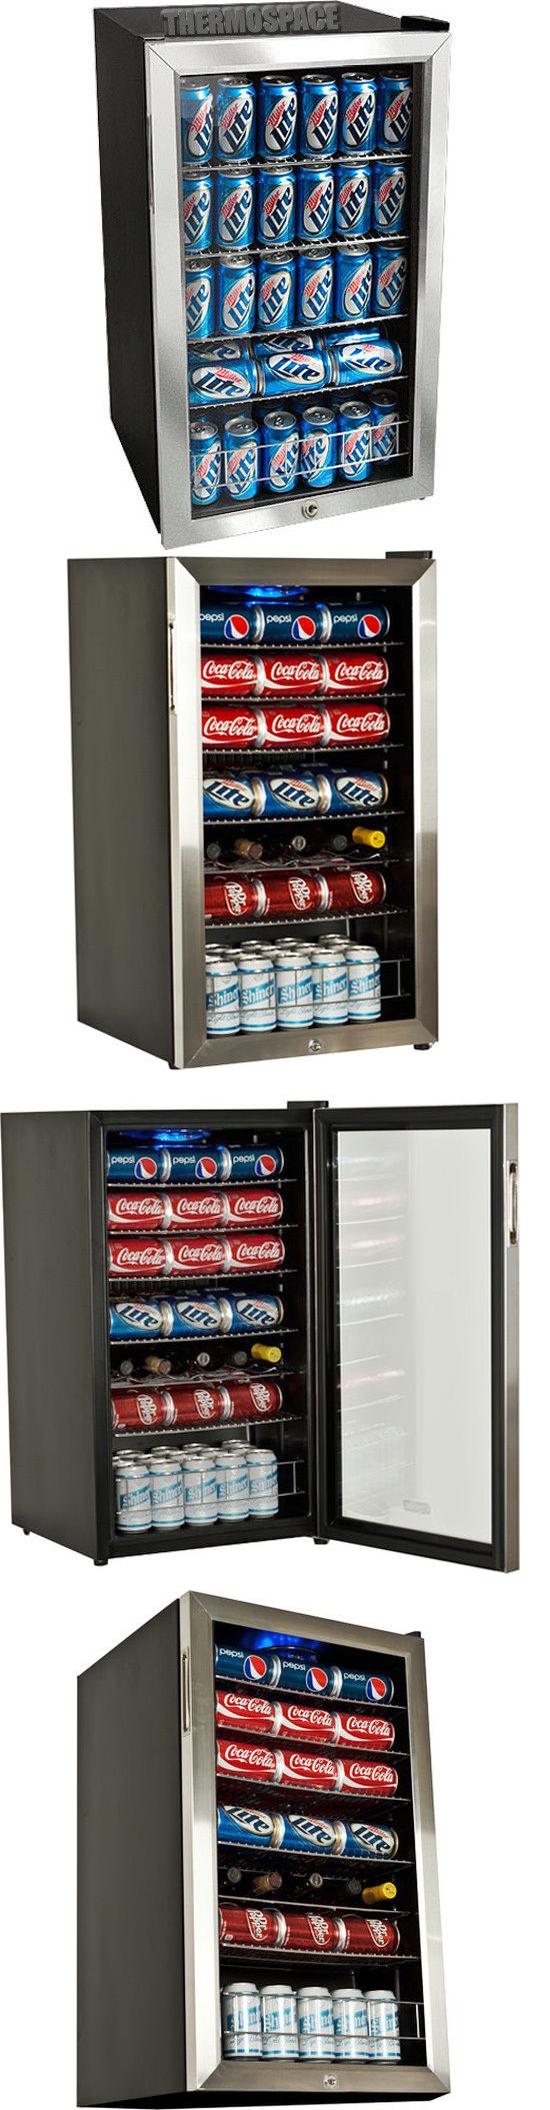 wine fridges and cellars 177750 countertop locking glass door